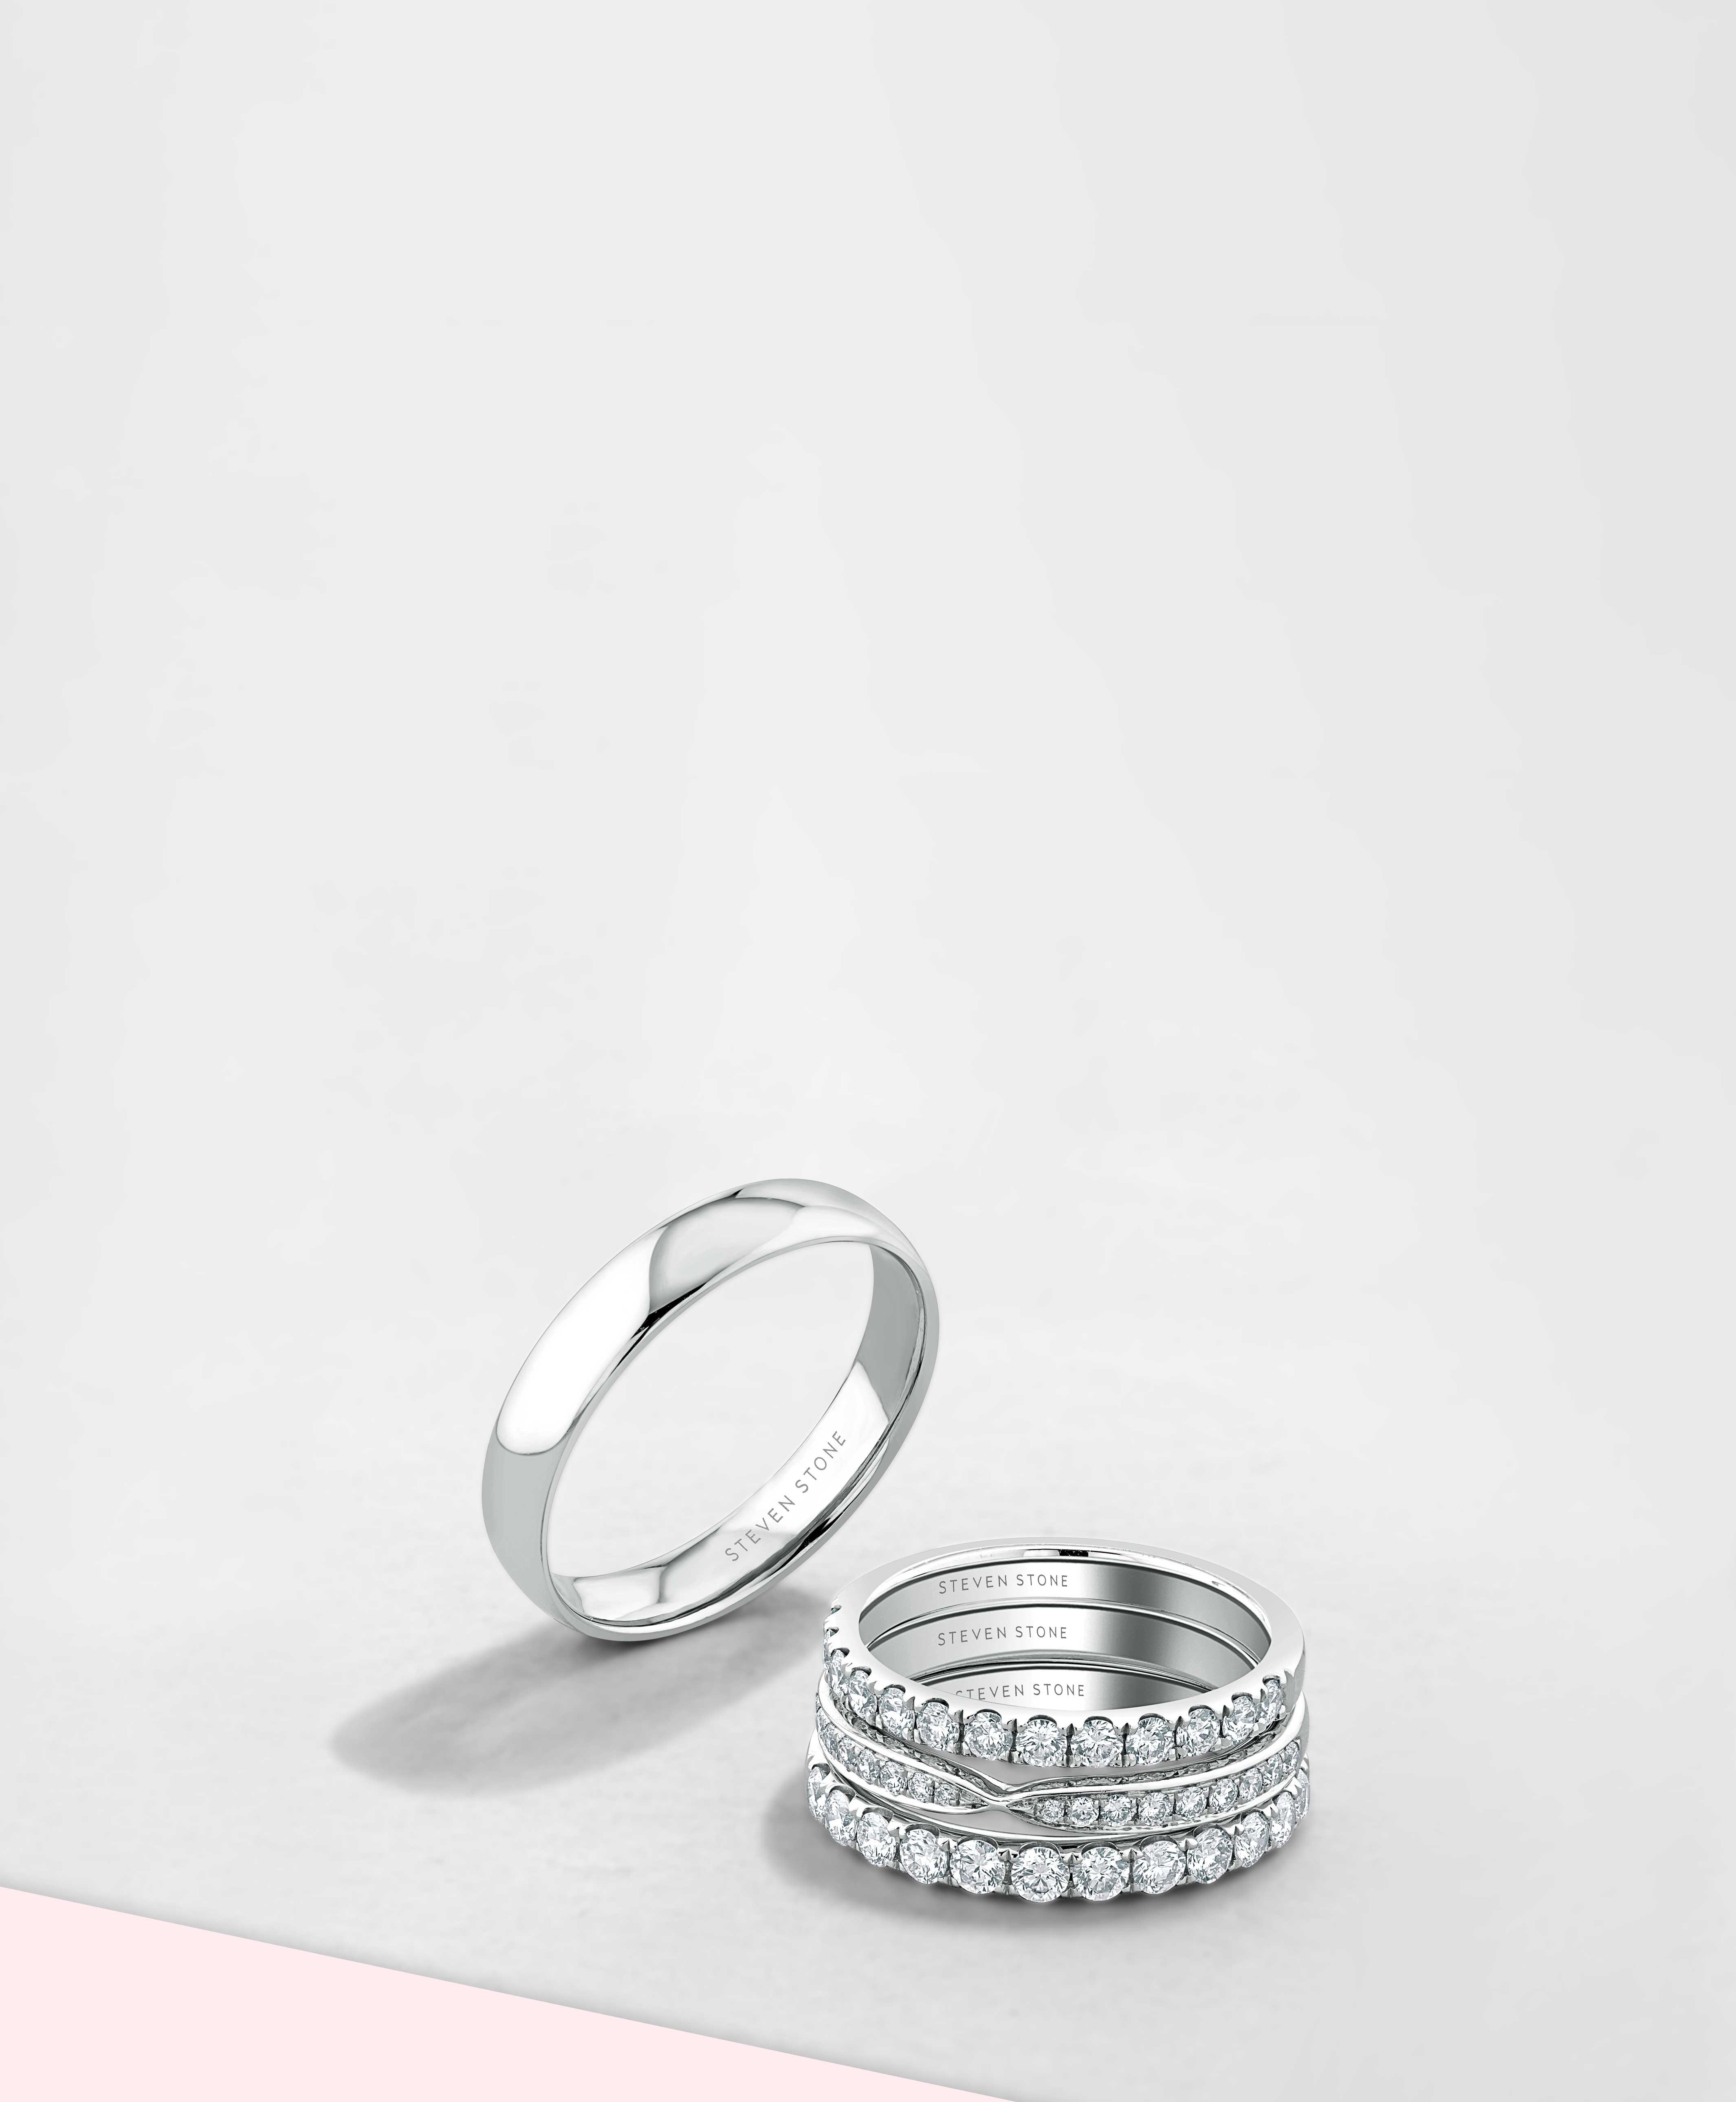 White Gold Diamond Wedding Rings - Steven Stone